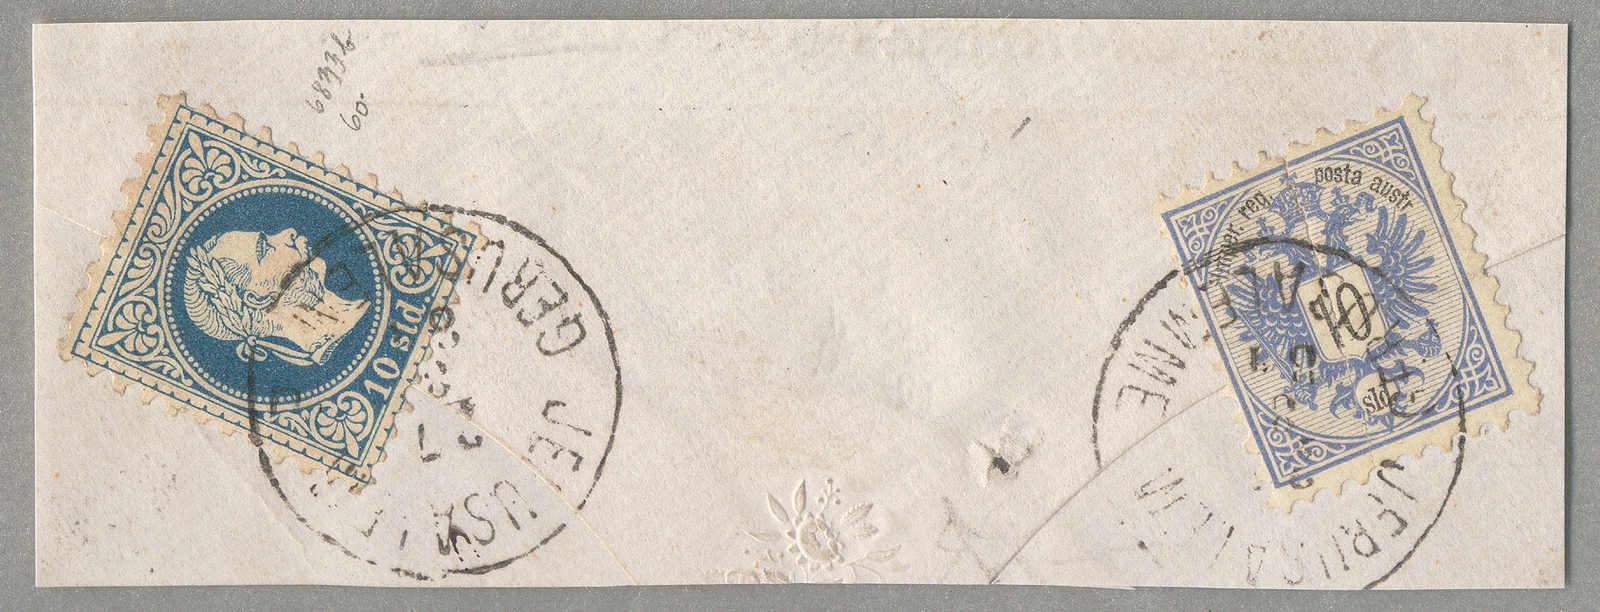 Lot 10818 - andere gebiete Palästina Österreichische Levante Postämter -  classicphil GmbH 7'th classicphil Auction - Day 1